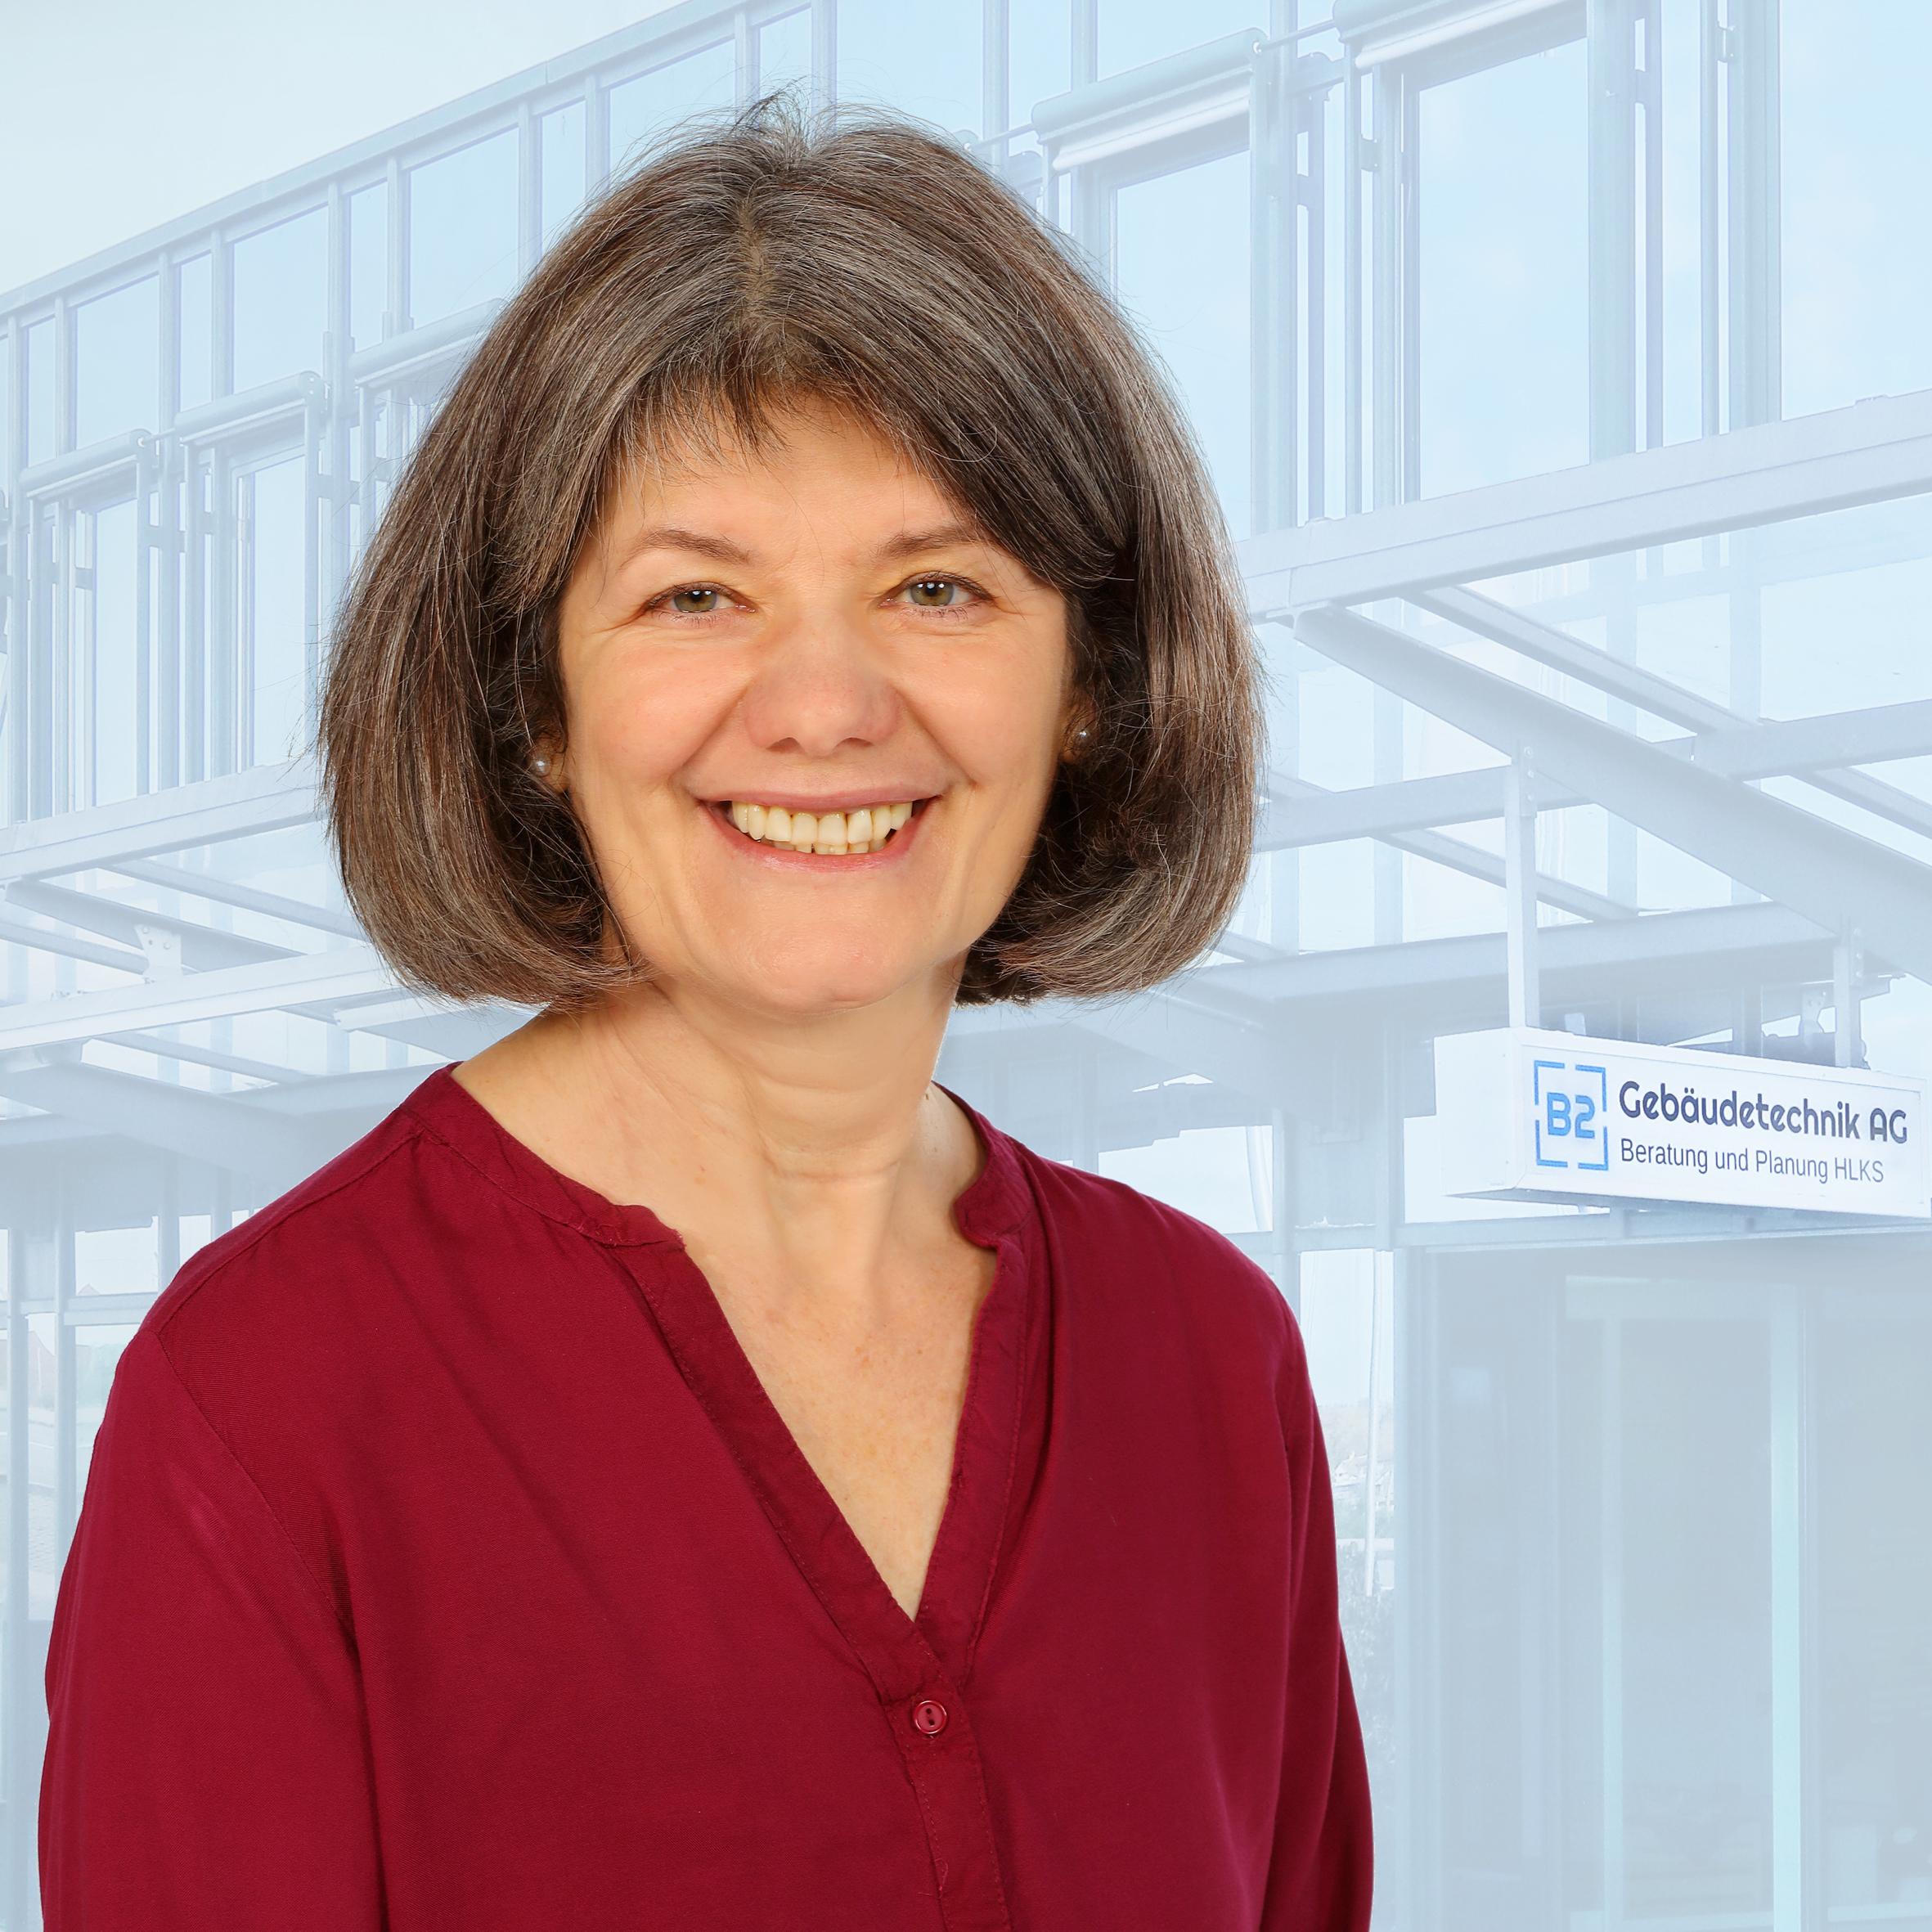 Sonja Belk